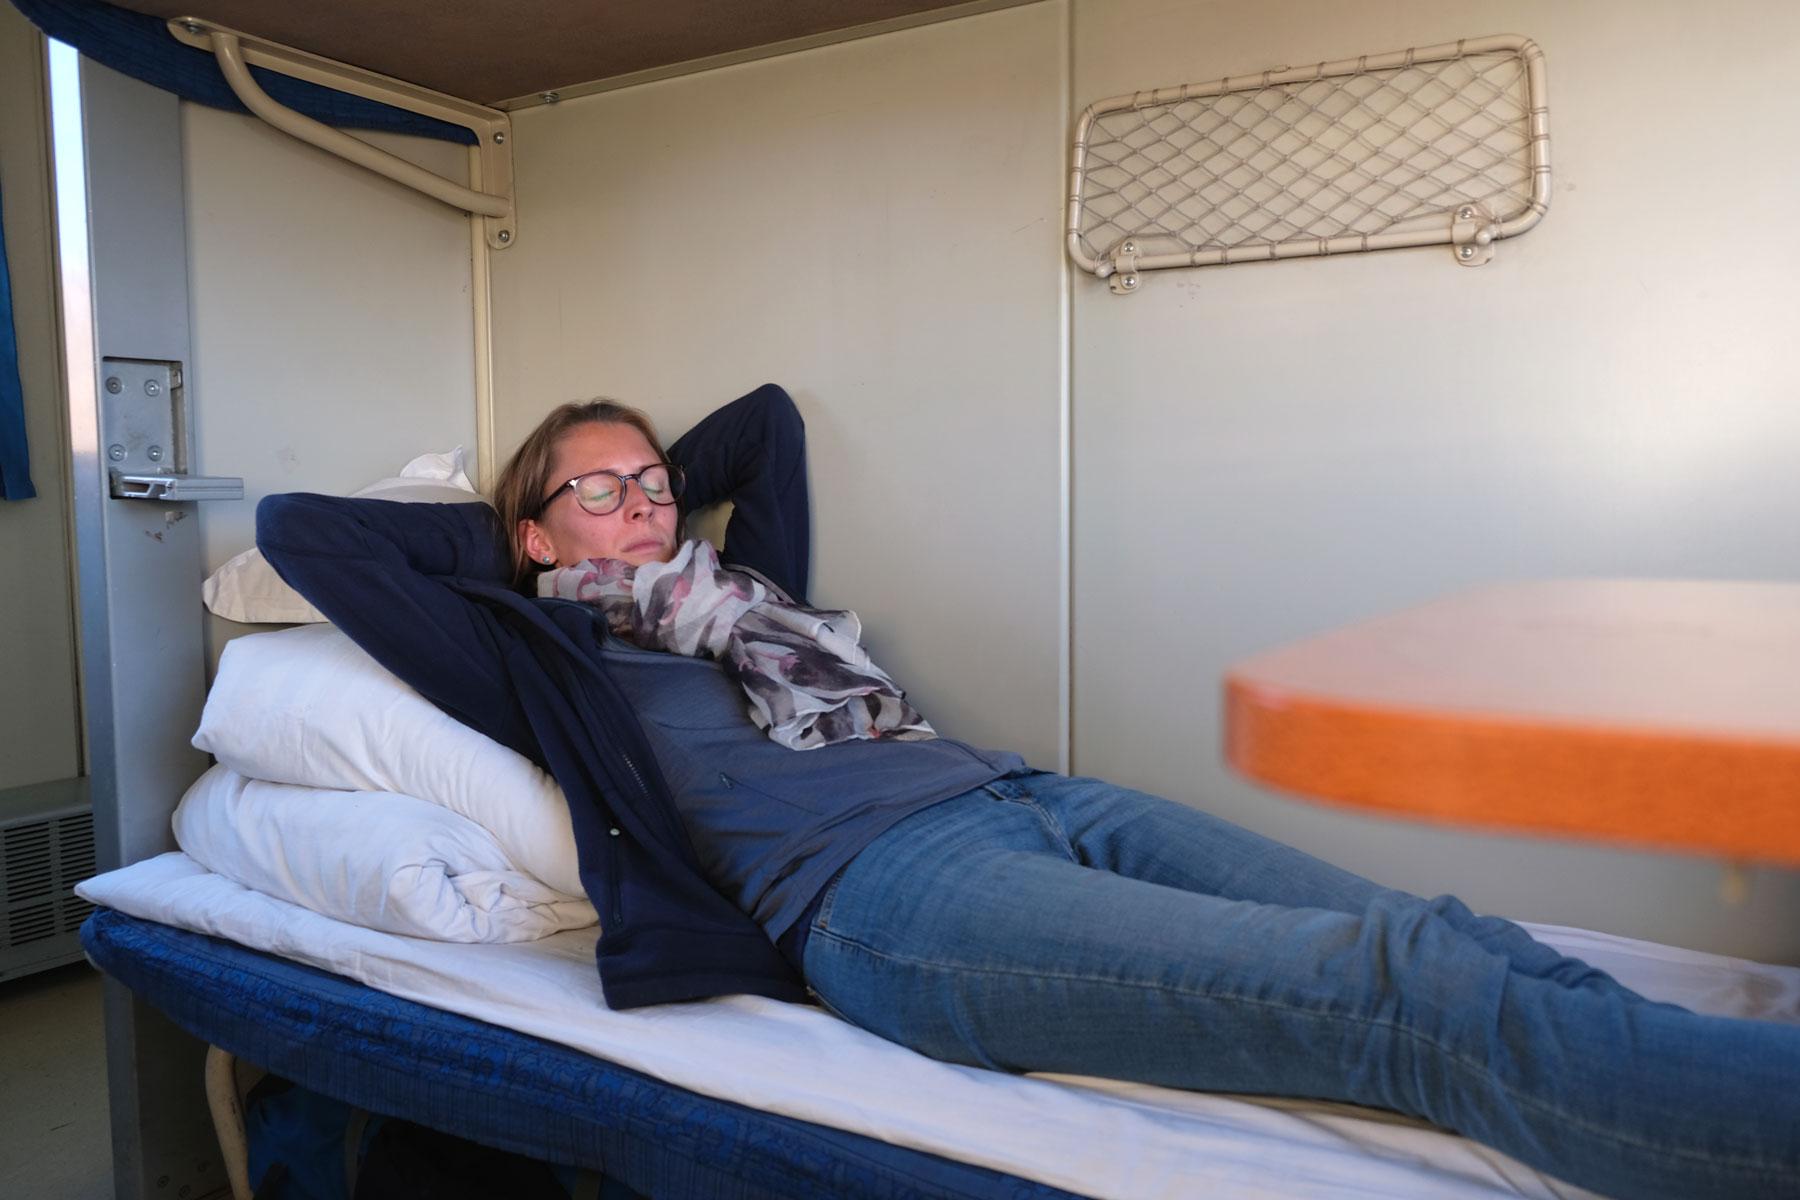 Leo schläft auf einem Bett im Zug von Lhasa nach Chengdu.